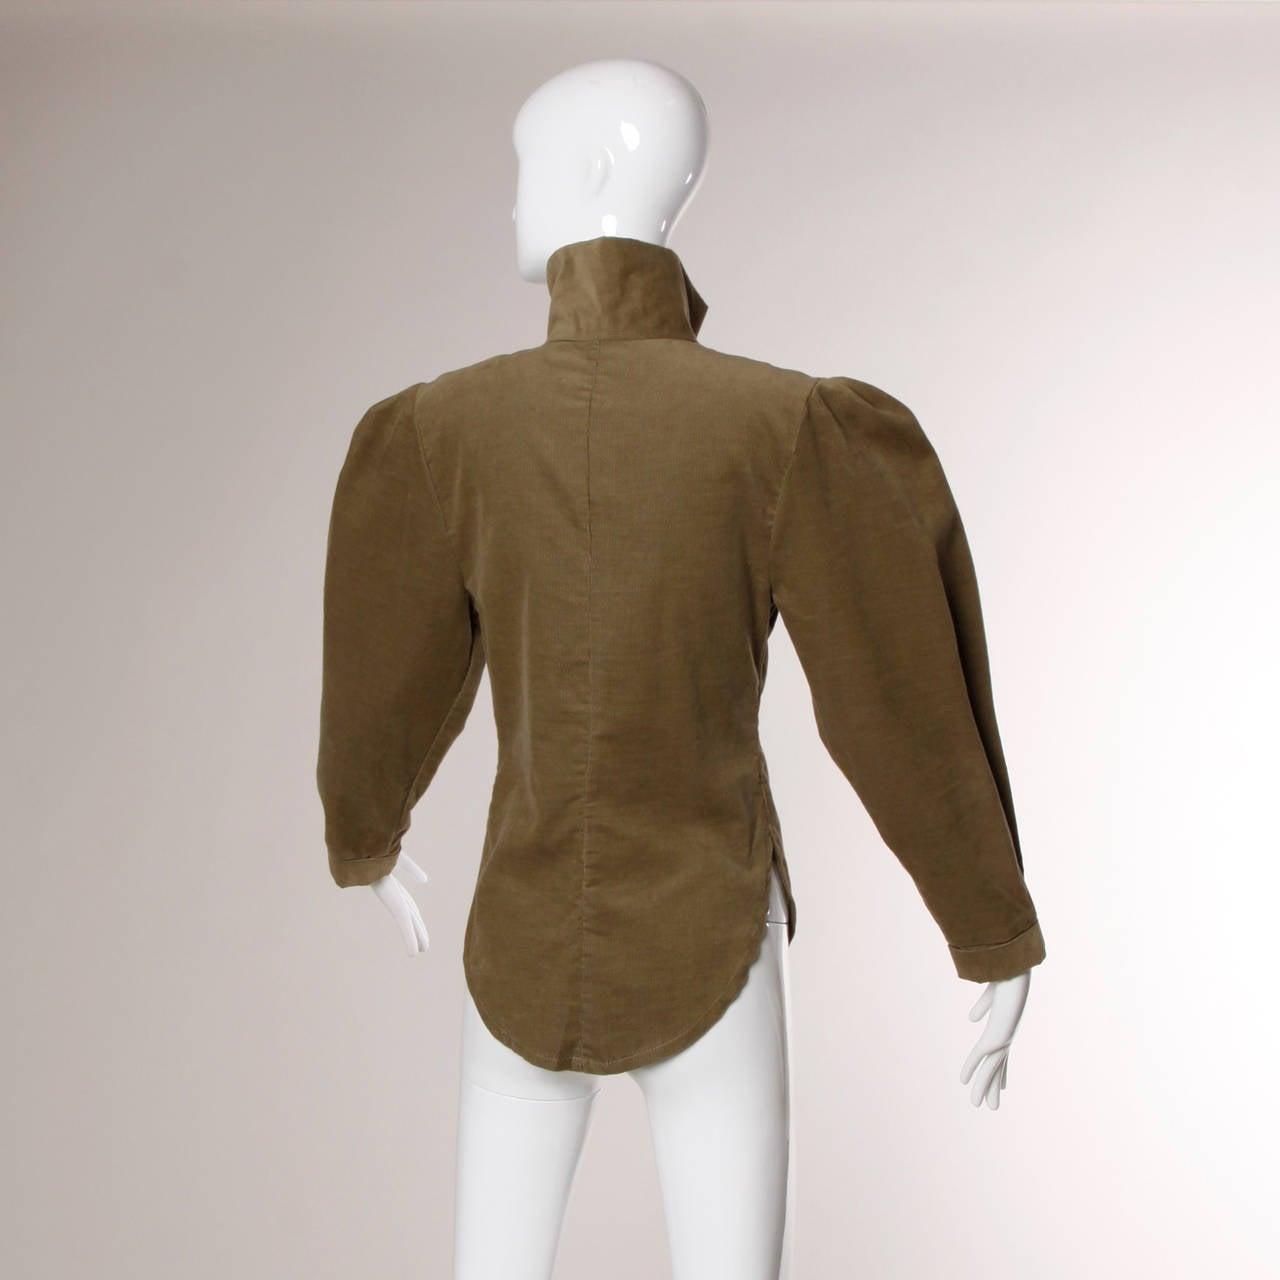 Norma Kamali Vintage Avant Garde Top or Jacket For Sale 1